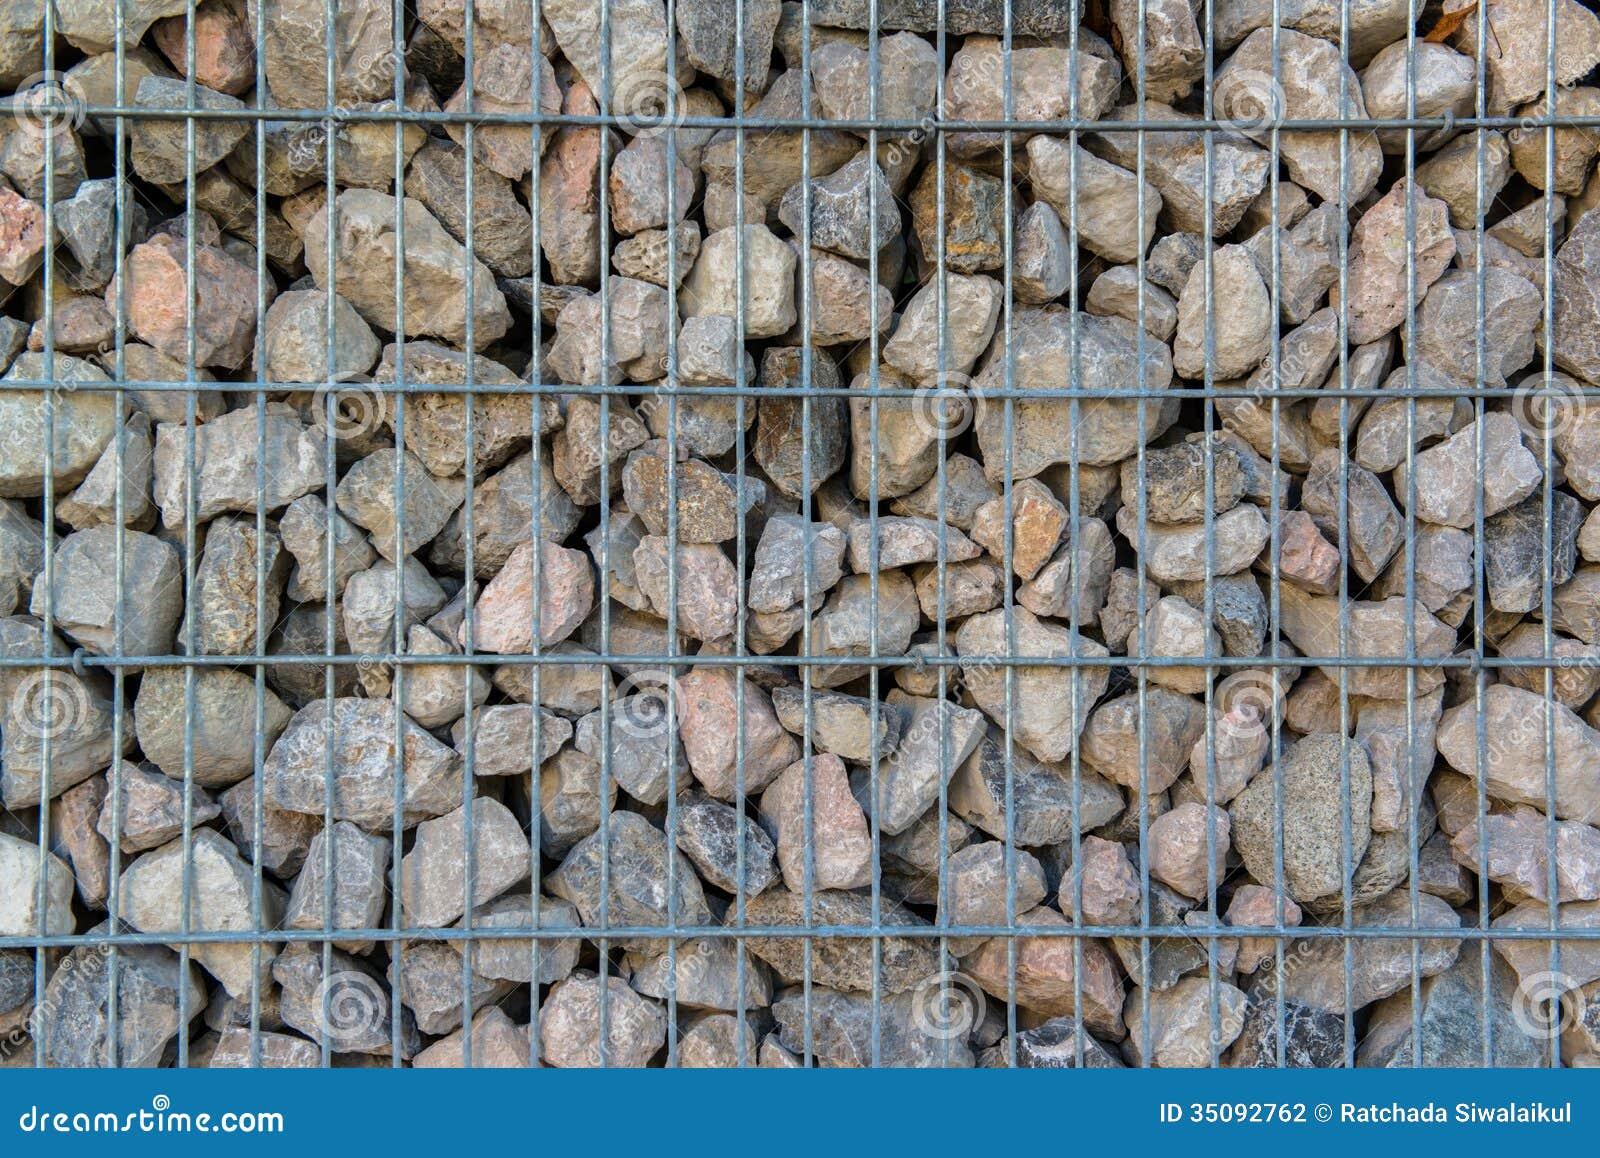 Detalle Tirado De Un Muro De Contencin De Piedra Foto de archivo